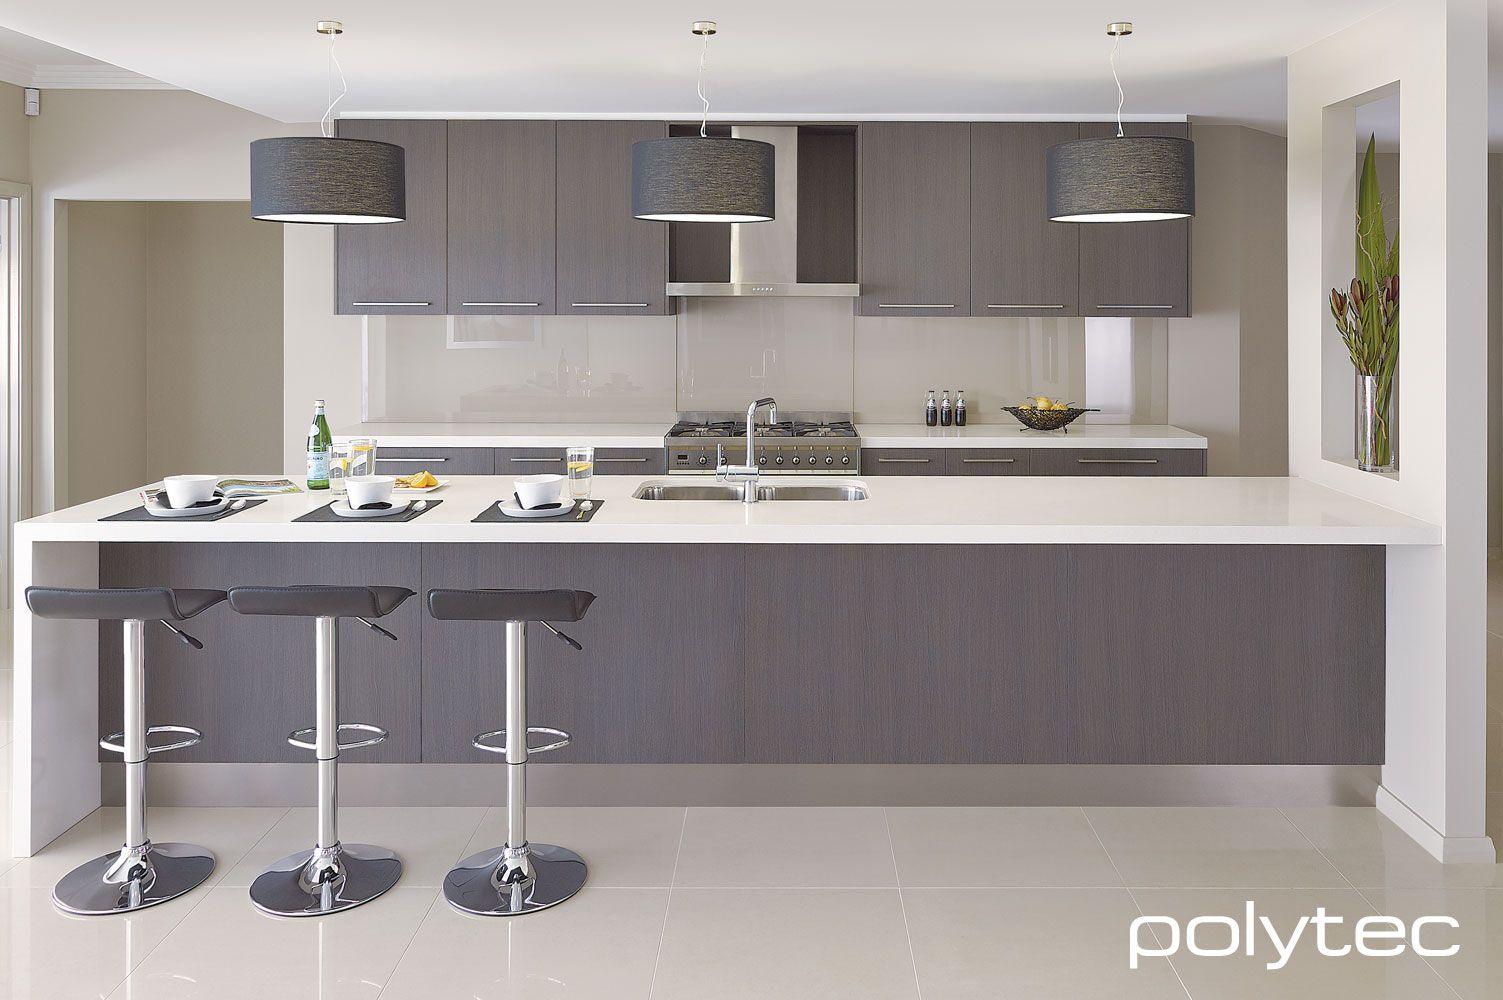 Polytec Kitchen Kuche Innenraum Laminat